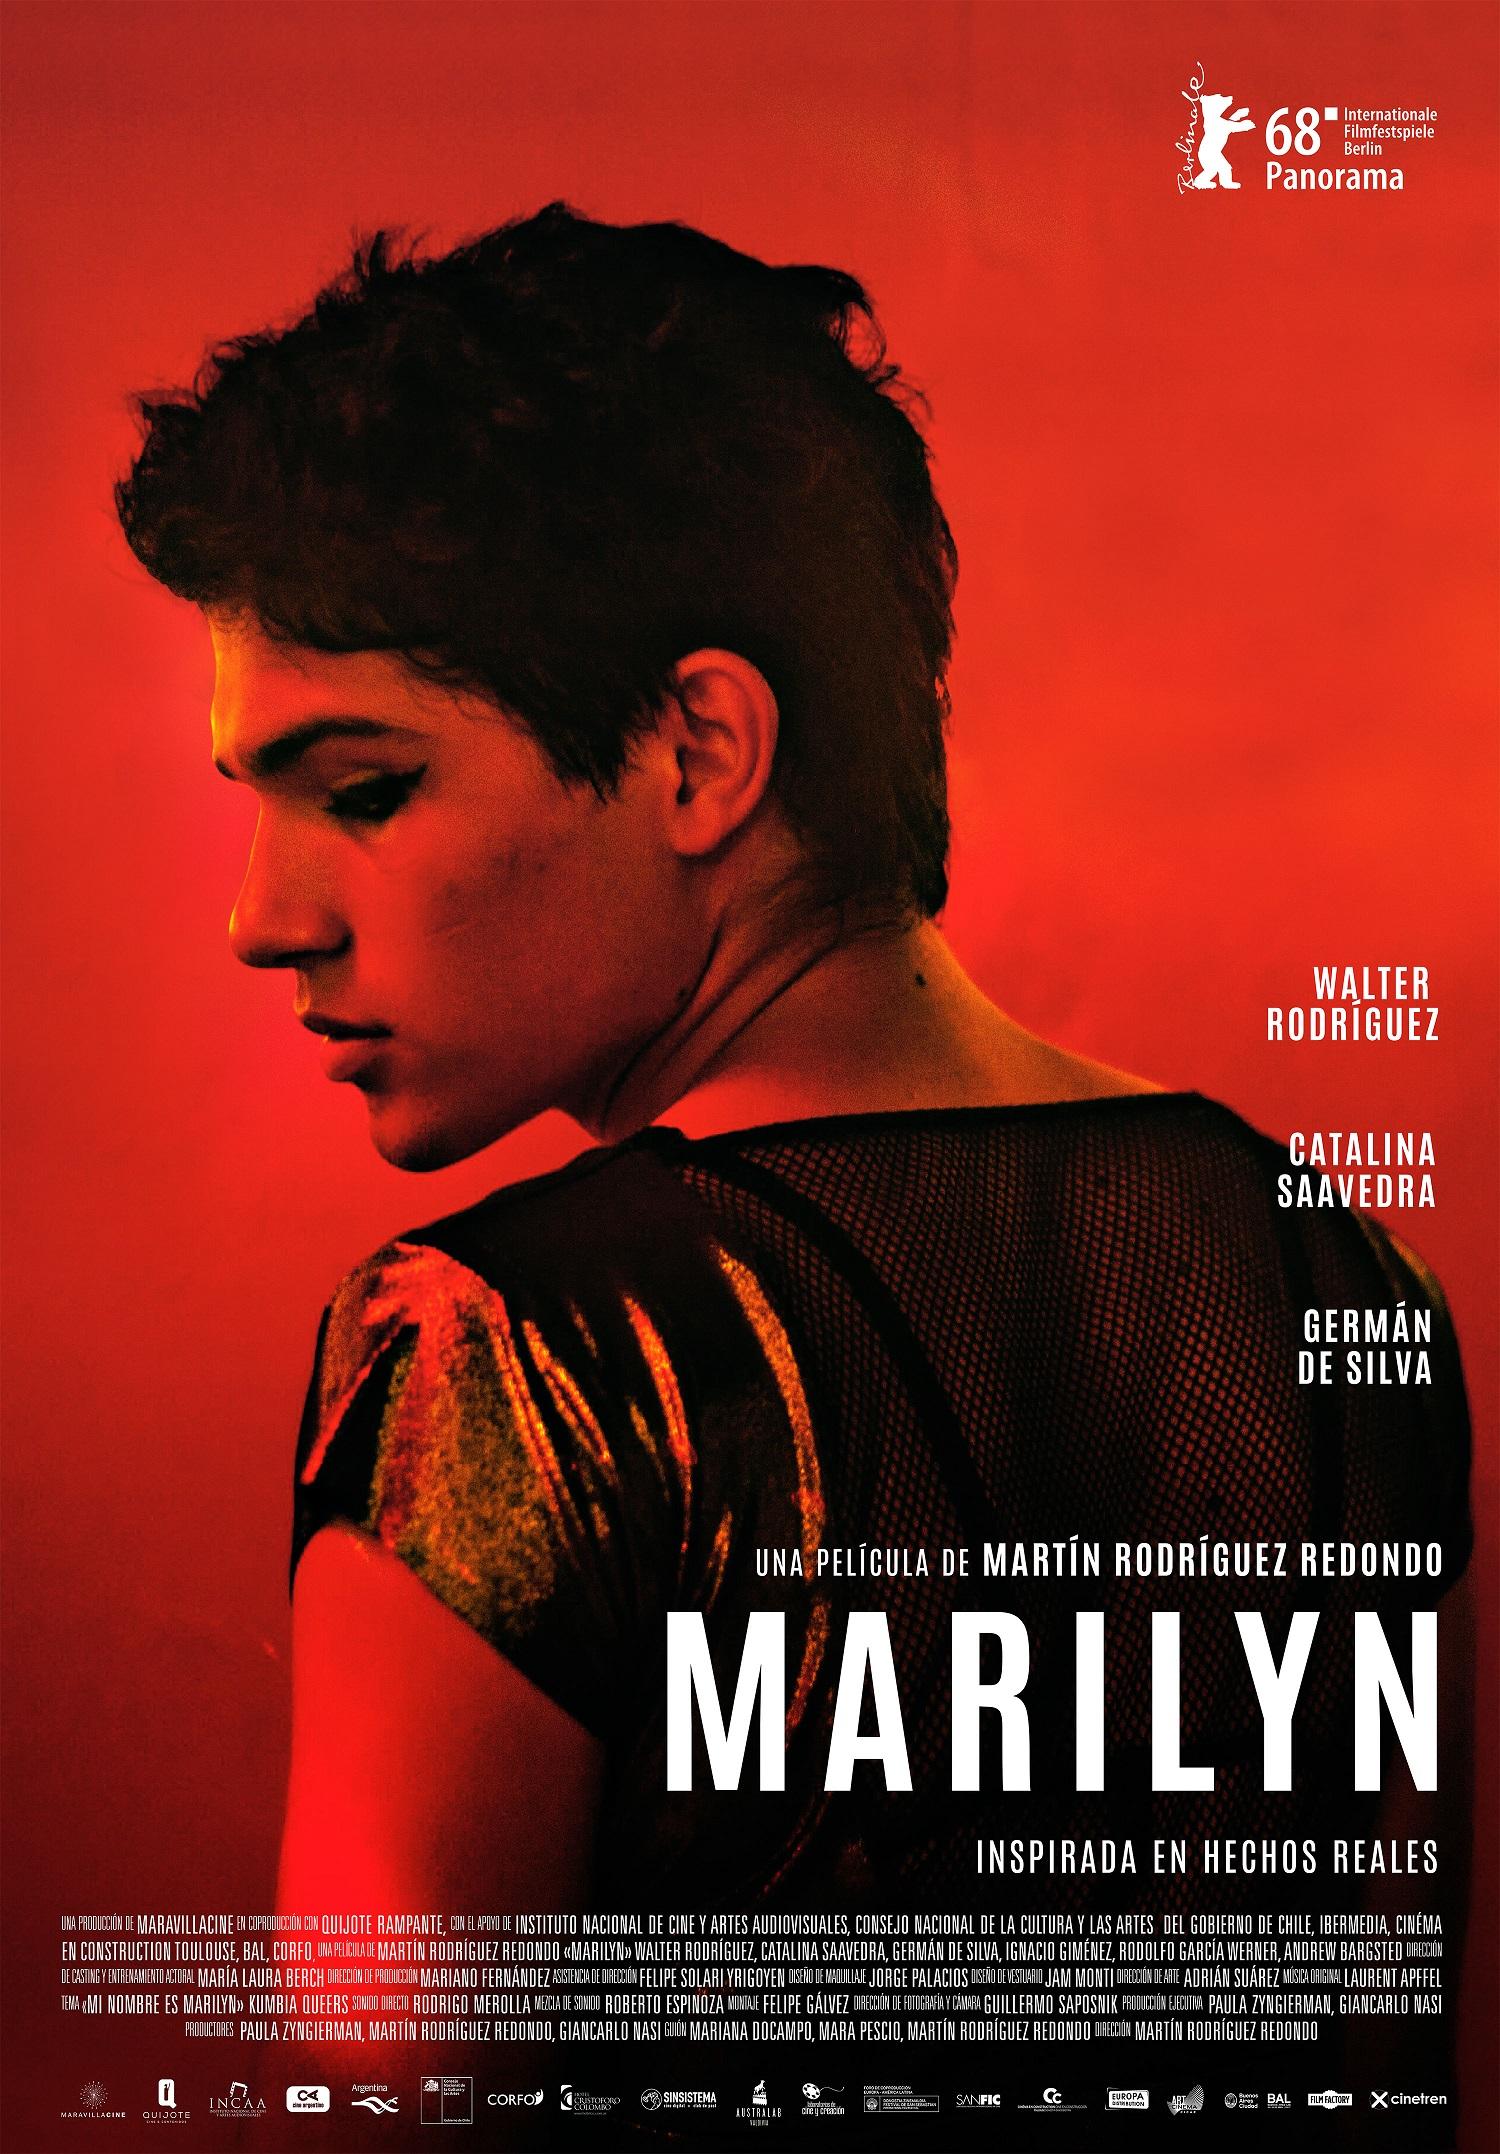 Marilyn_aficheII - baja